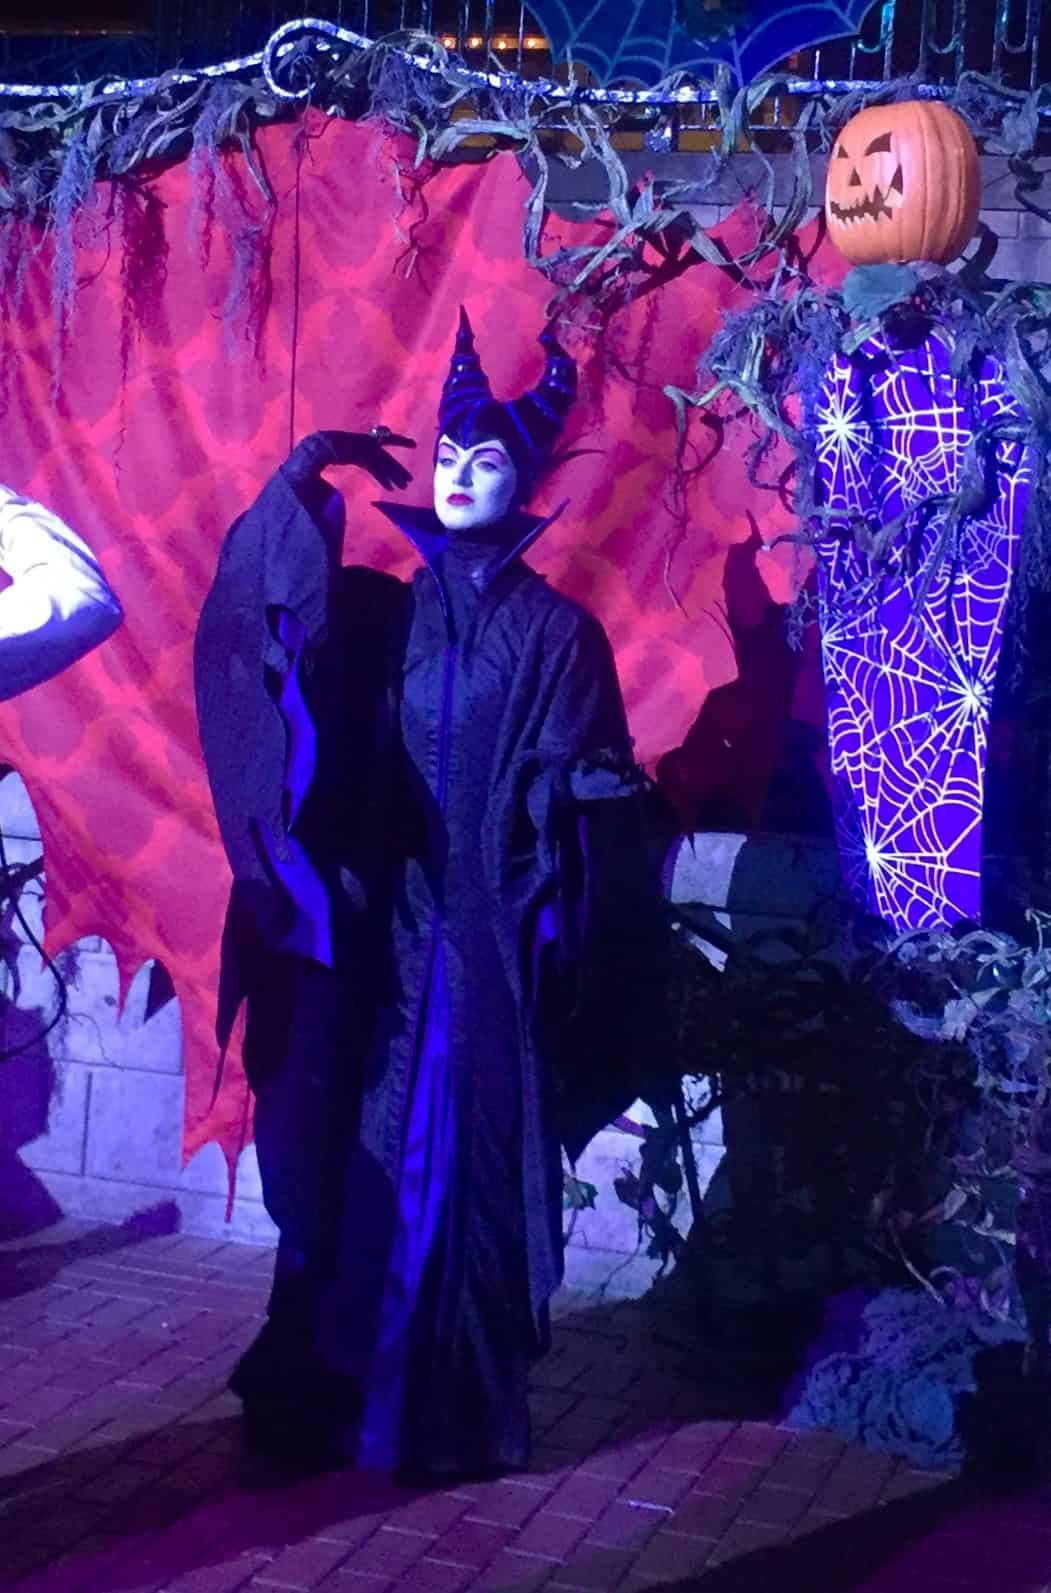 Halloween Disney 2019 Date.Disneyland Halloween Party Oogie Boogie Bash 2019 Happiest